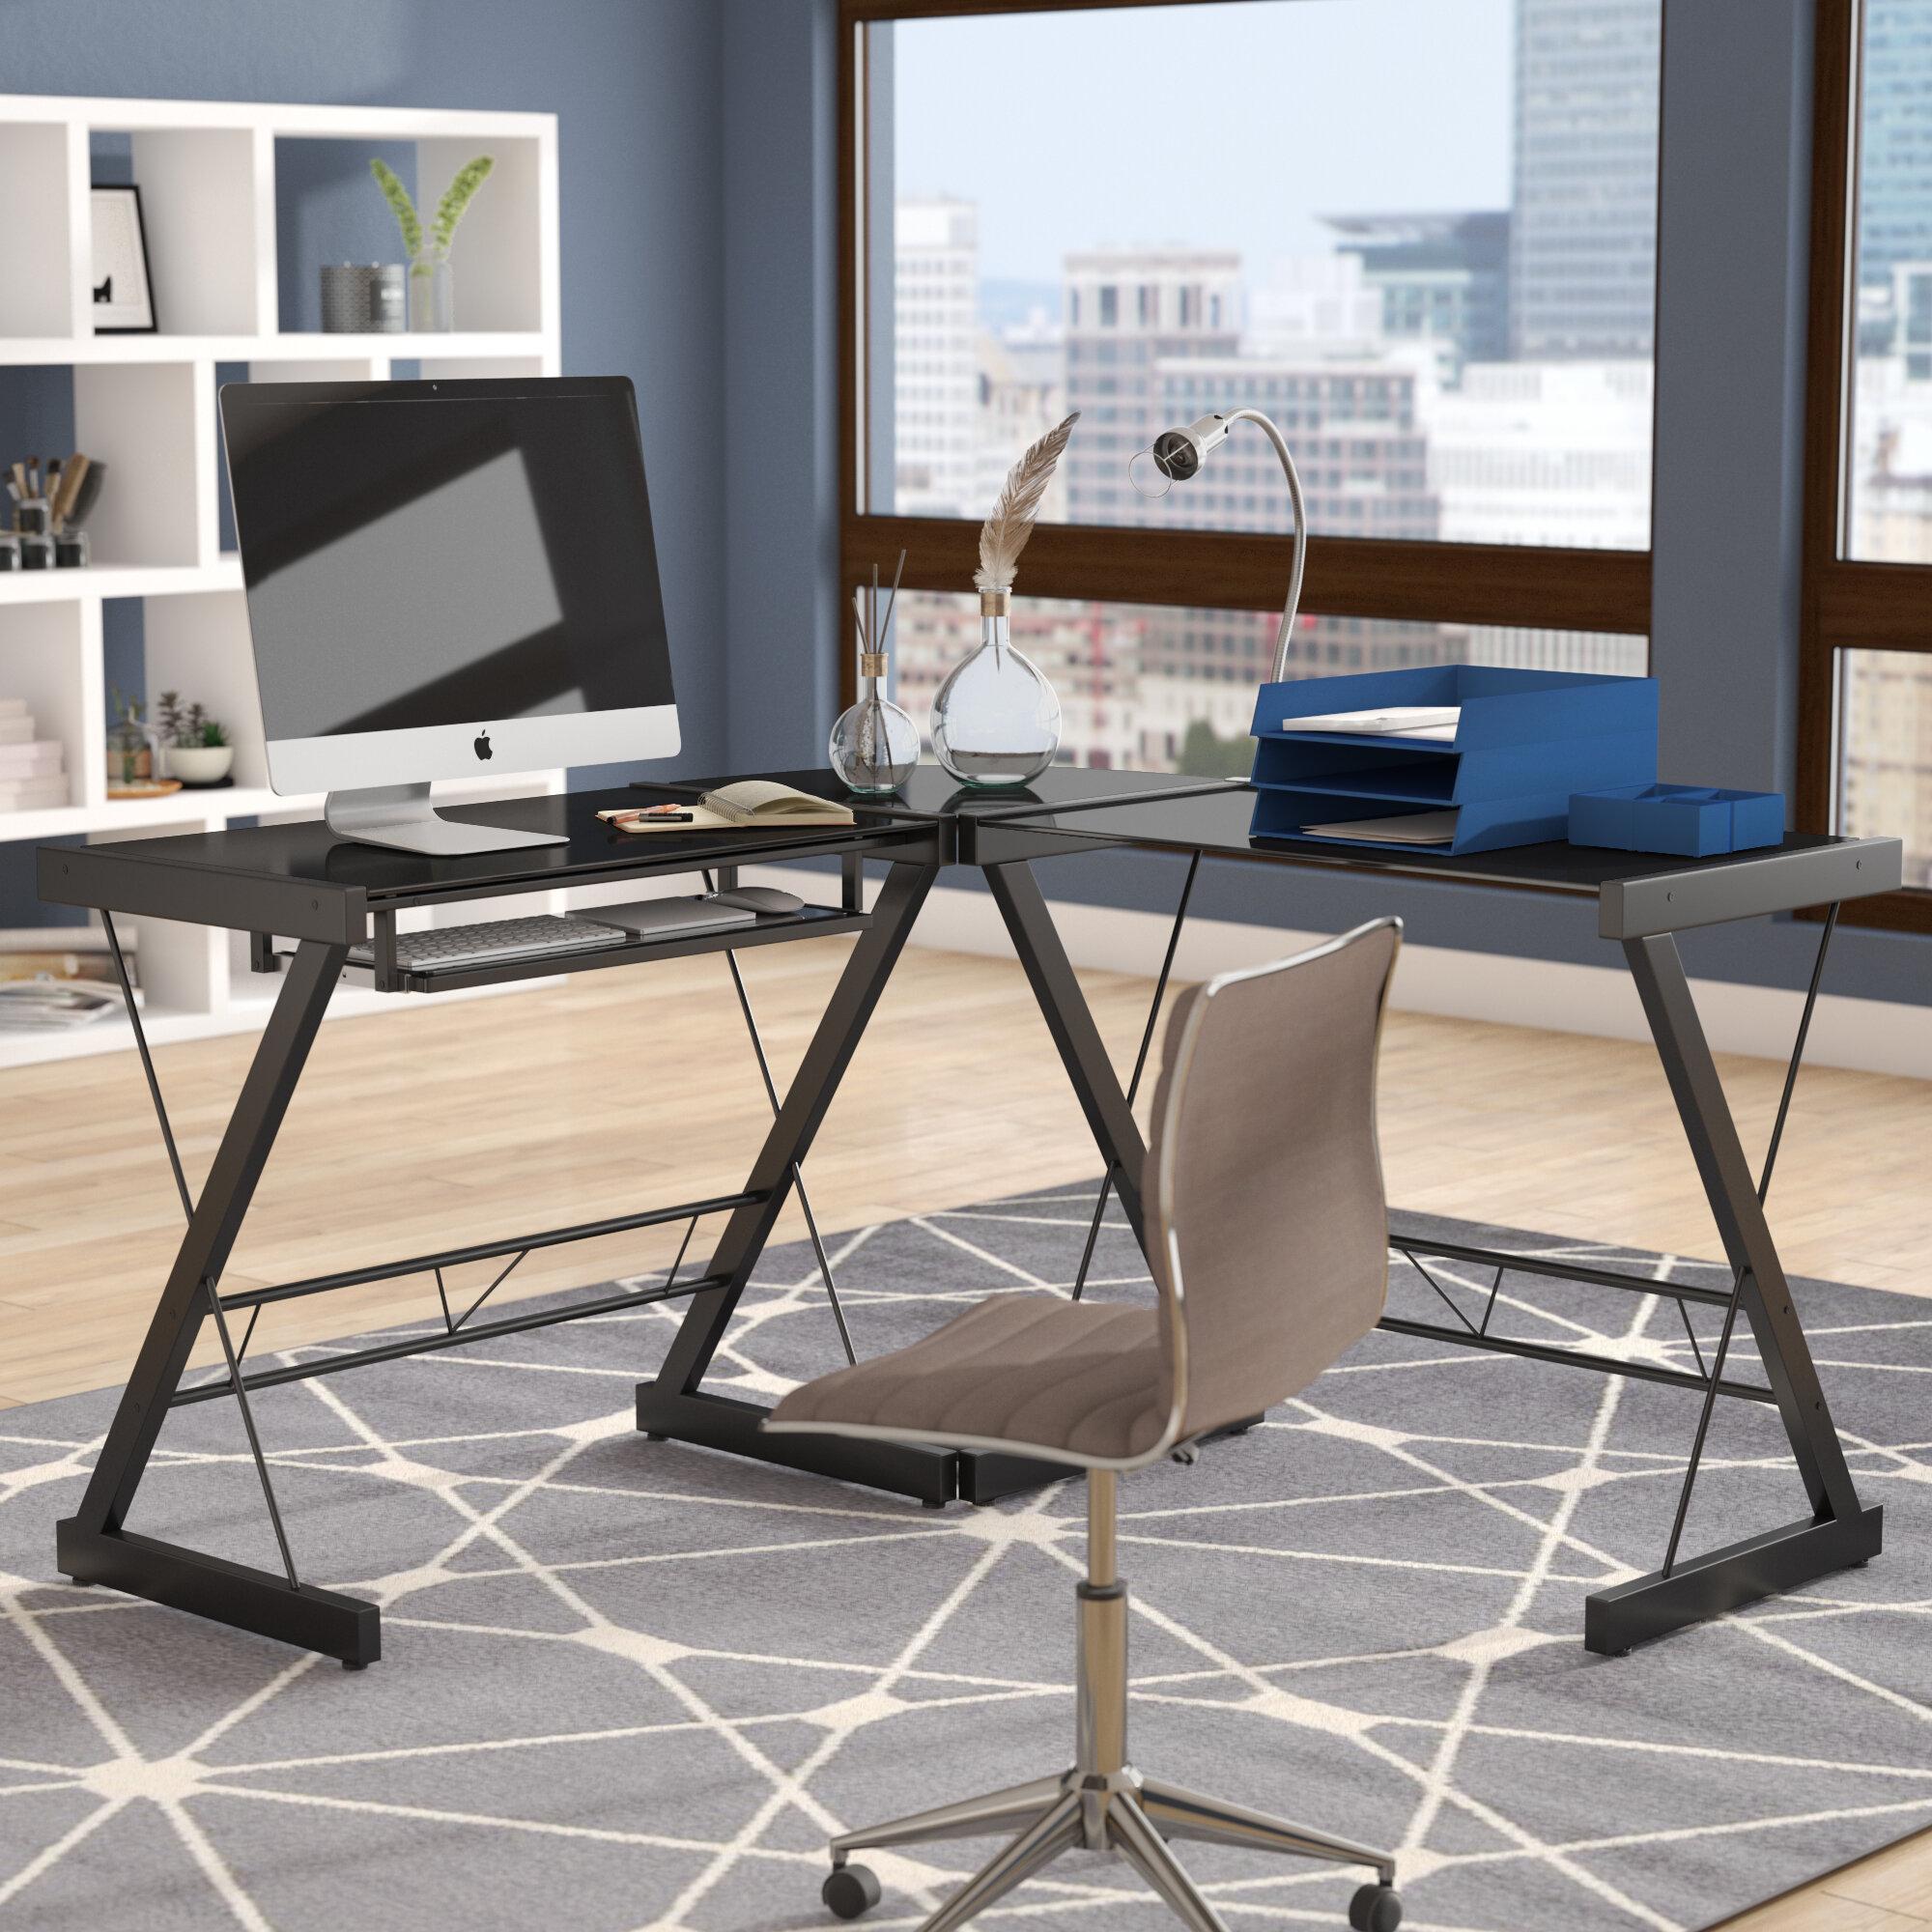 Strange Desk Glass World Map Wayfair Download Free Architecture Designs Scobabritishbridgeorg